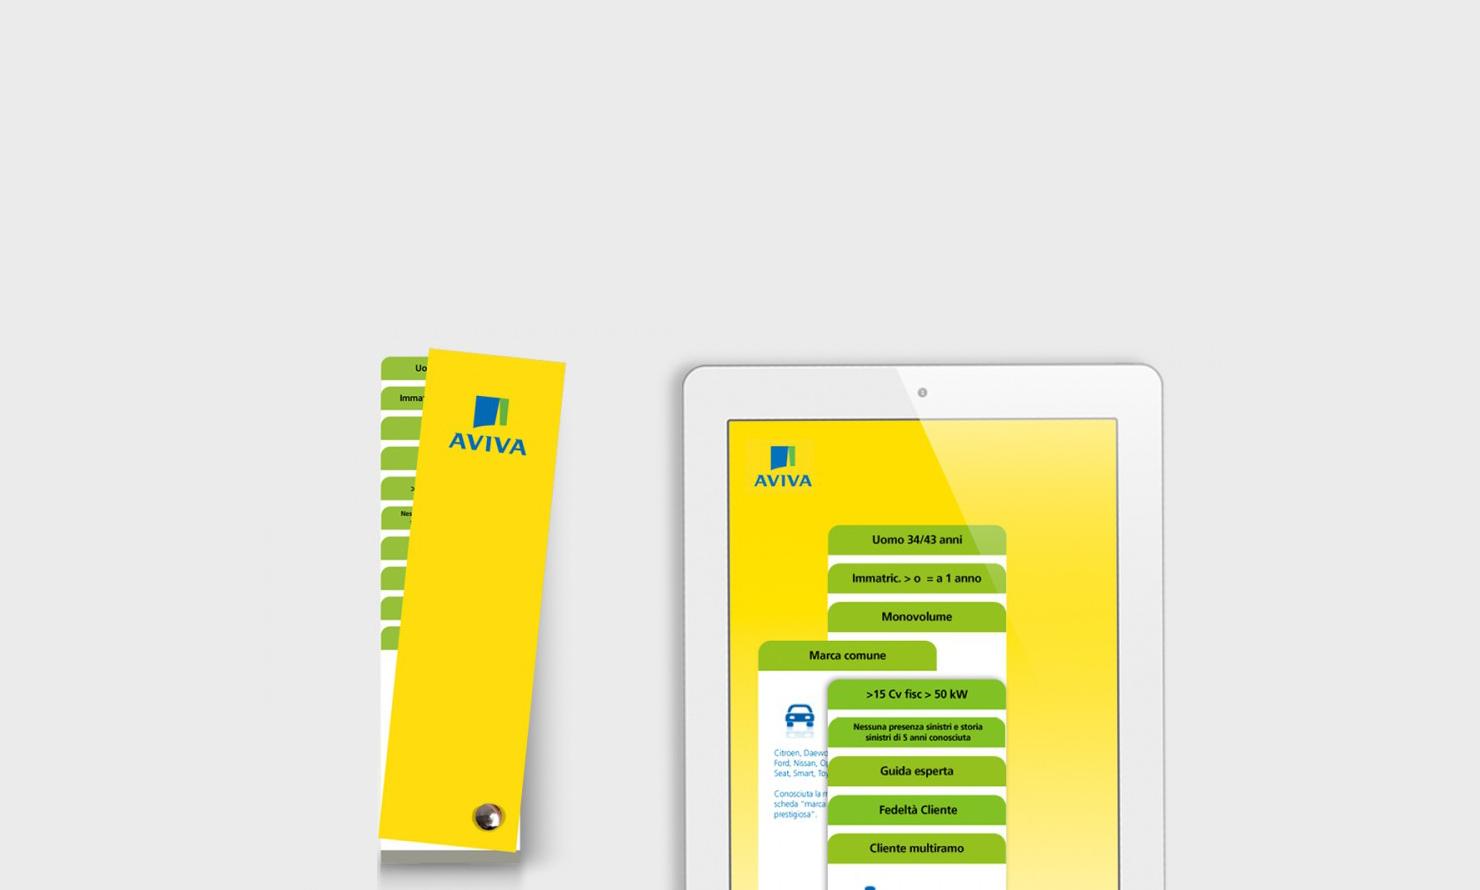 https://kubelibre.com/uploads/Slider-work-tutti-clienti/aviva-kit-agenti-il-libro-dei-cinque-anelli-5.jpg